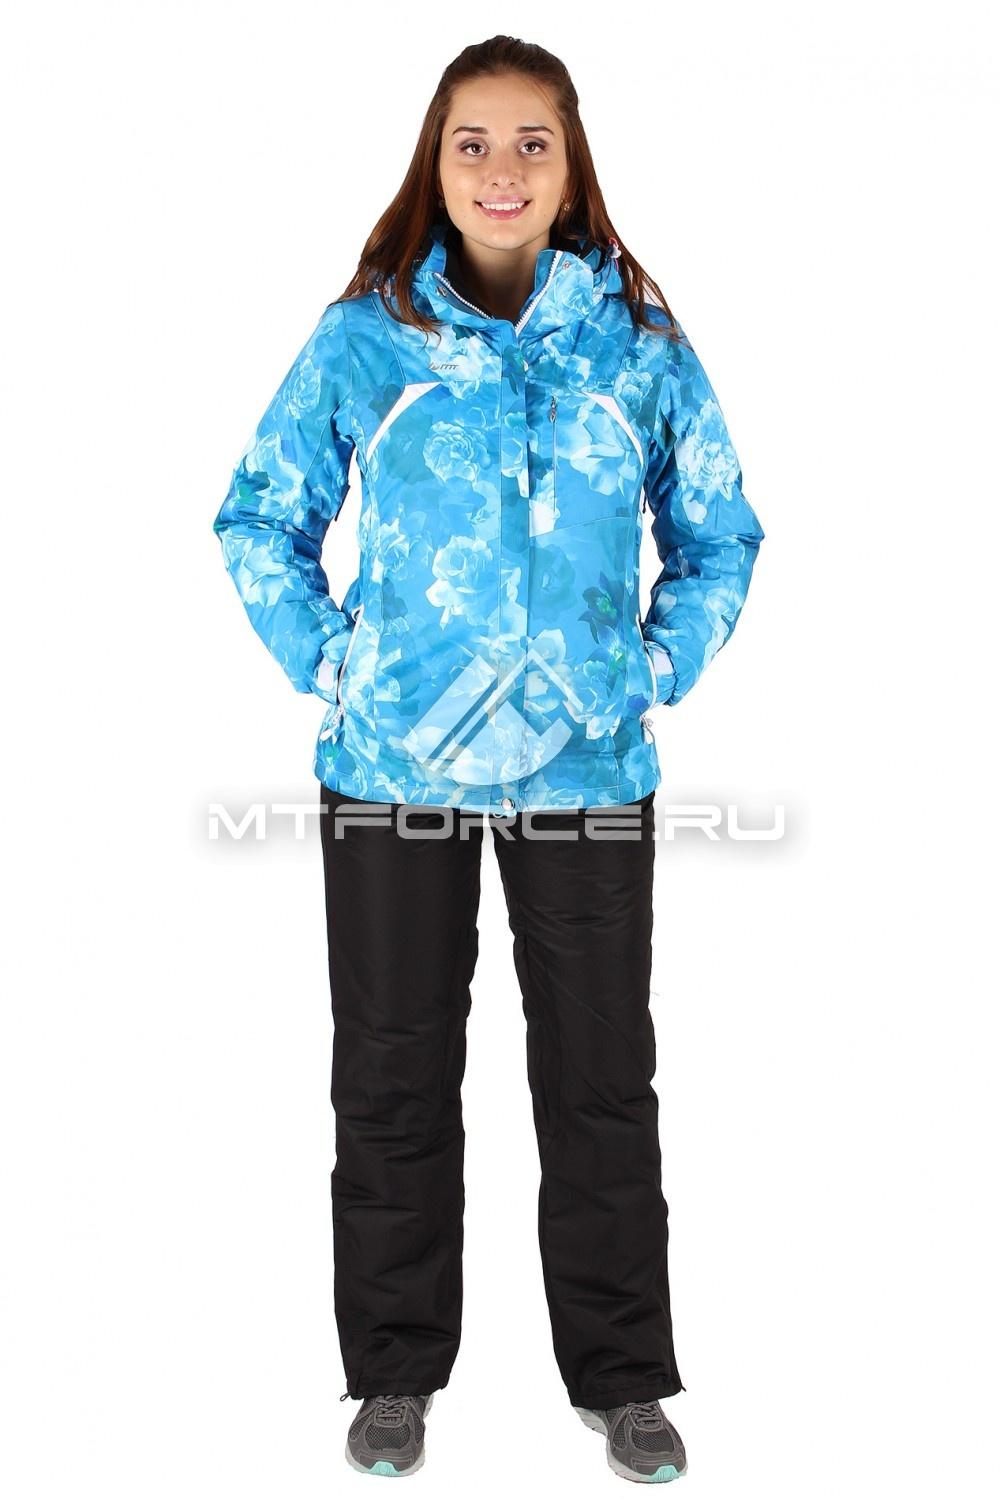 Купить оптом Костюм горнолыжный женский голубого цвета 014099Gl